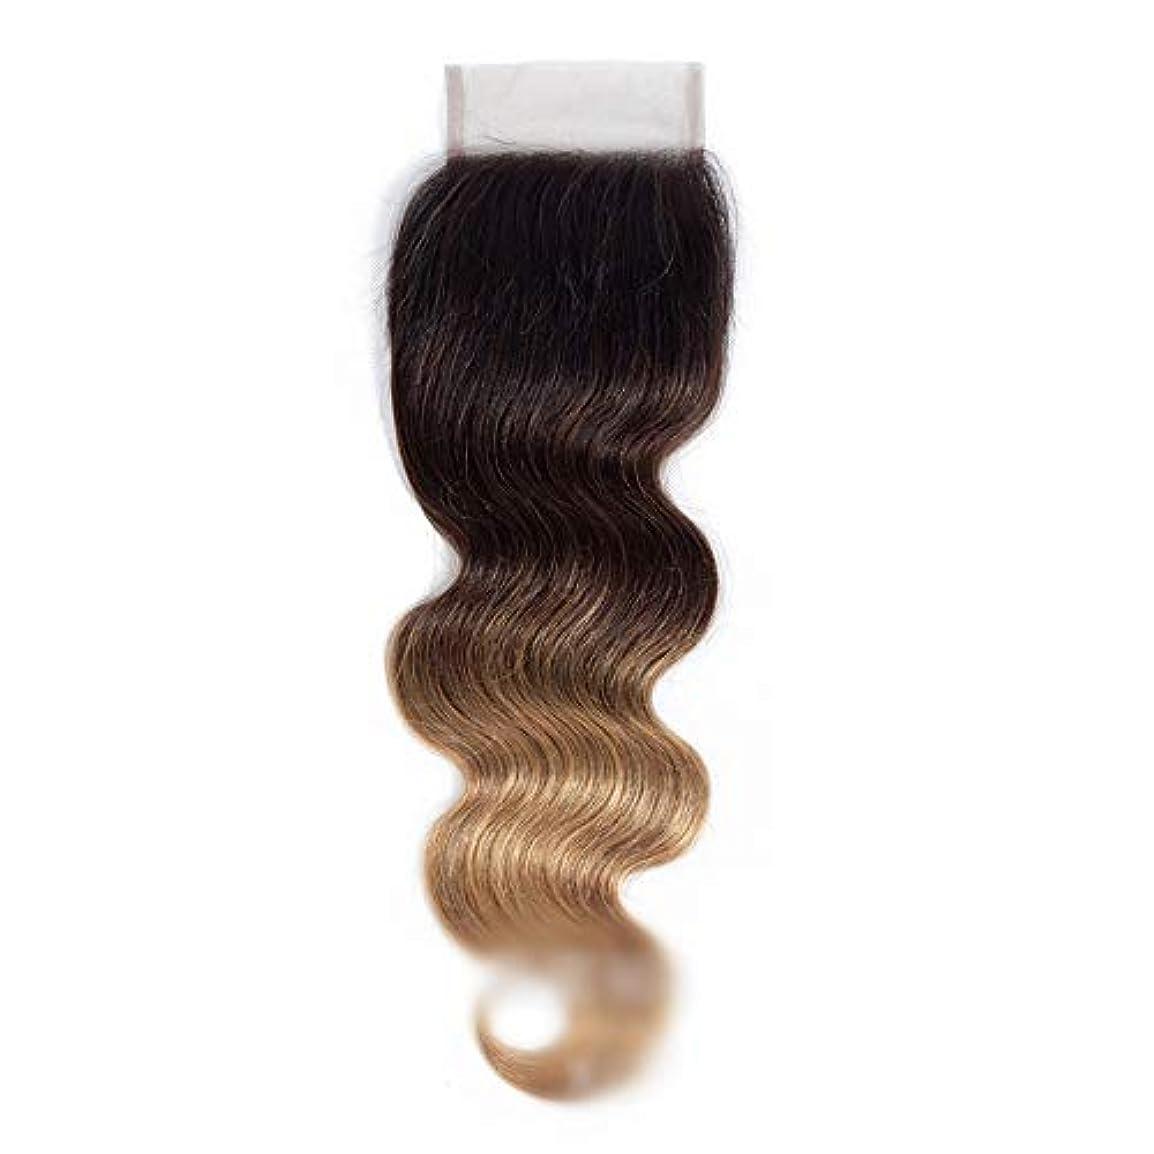 本物効果サスティーンYESONEEP ブラジルの実体波人間の髪の毛の耳に4 * 4レース前頭閉鎖1B / 4/27 3トーンカラーブラウンウィッグロングストレートウィッグ (色 : ブラウン, サイズ : 18 inch)